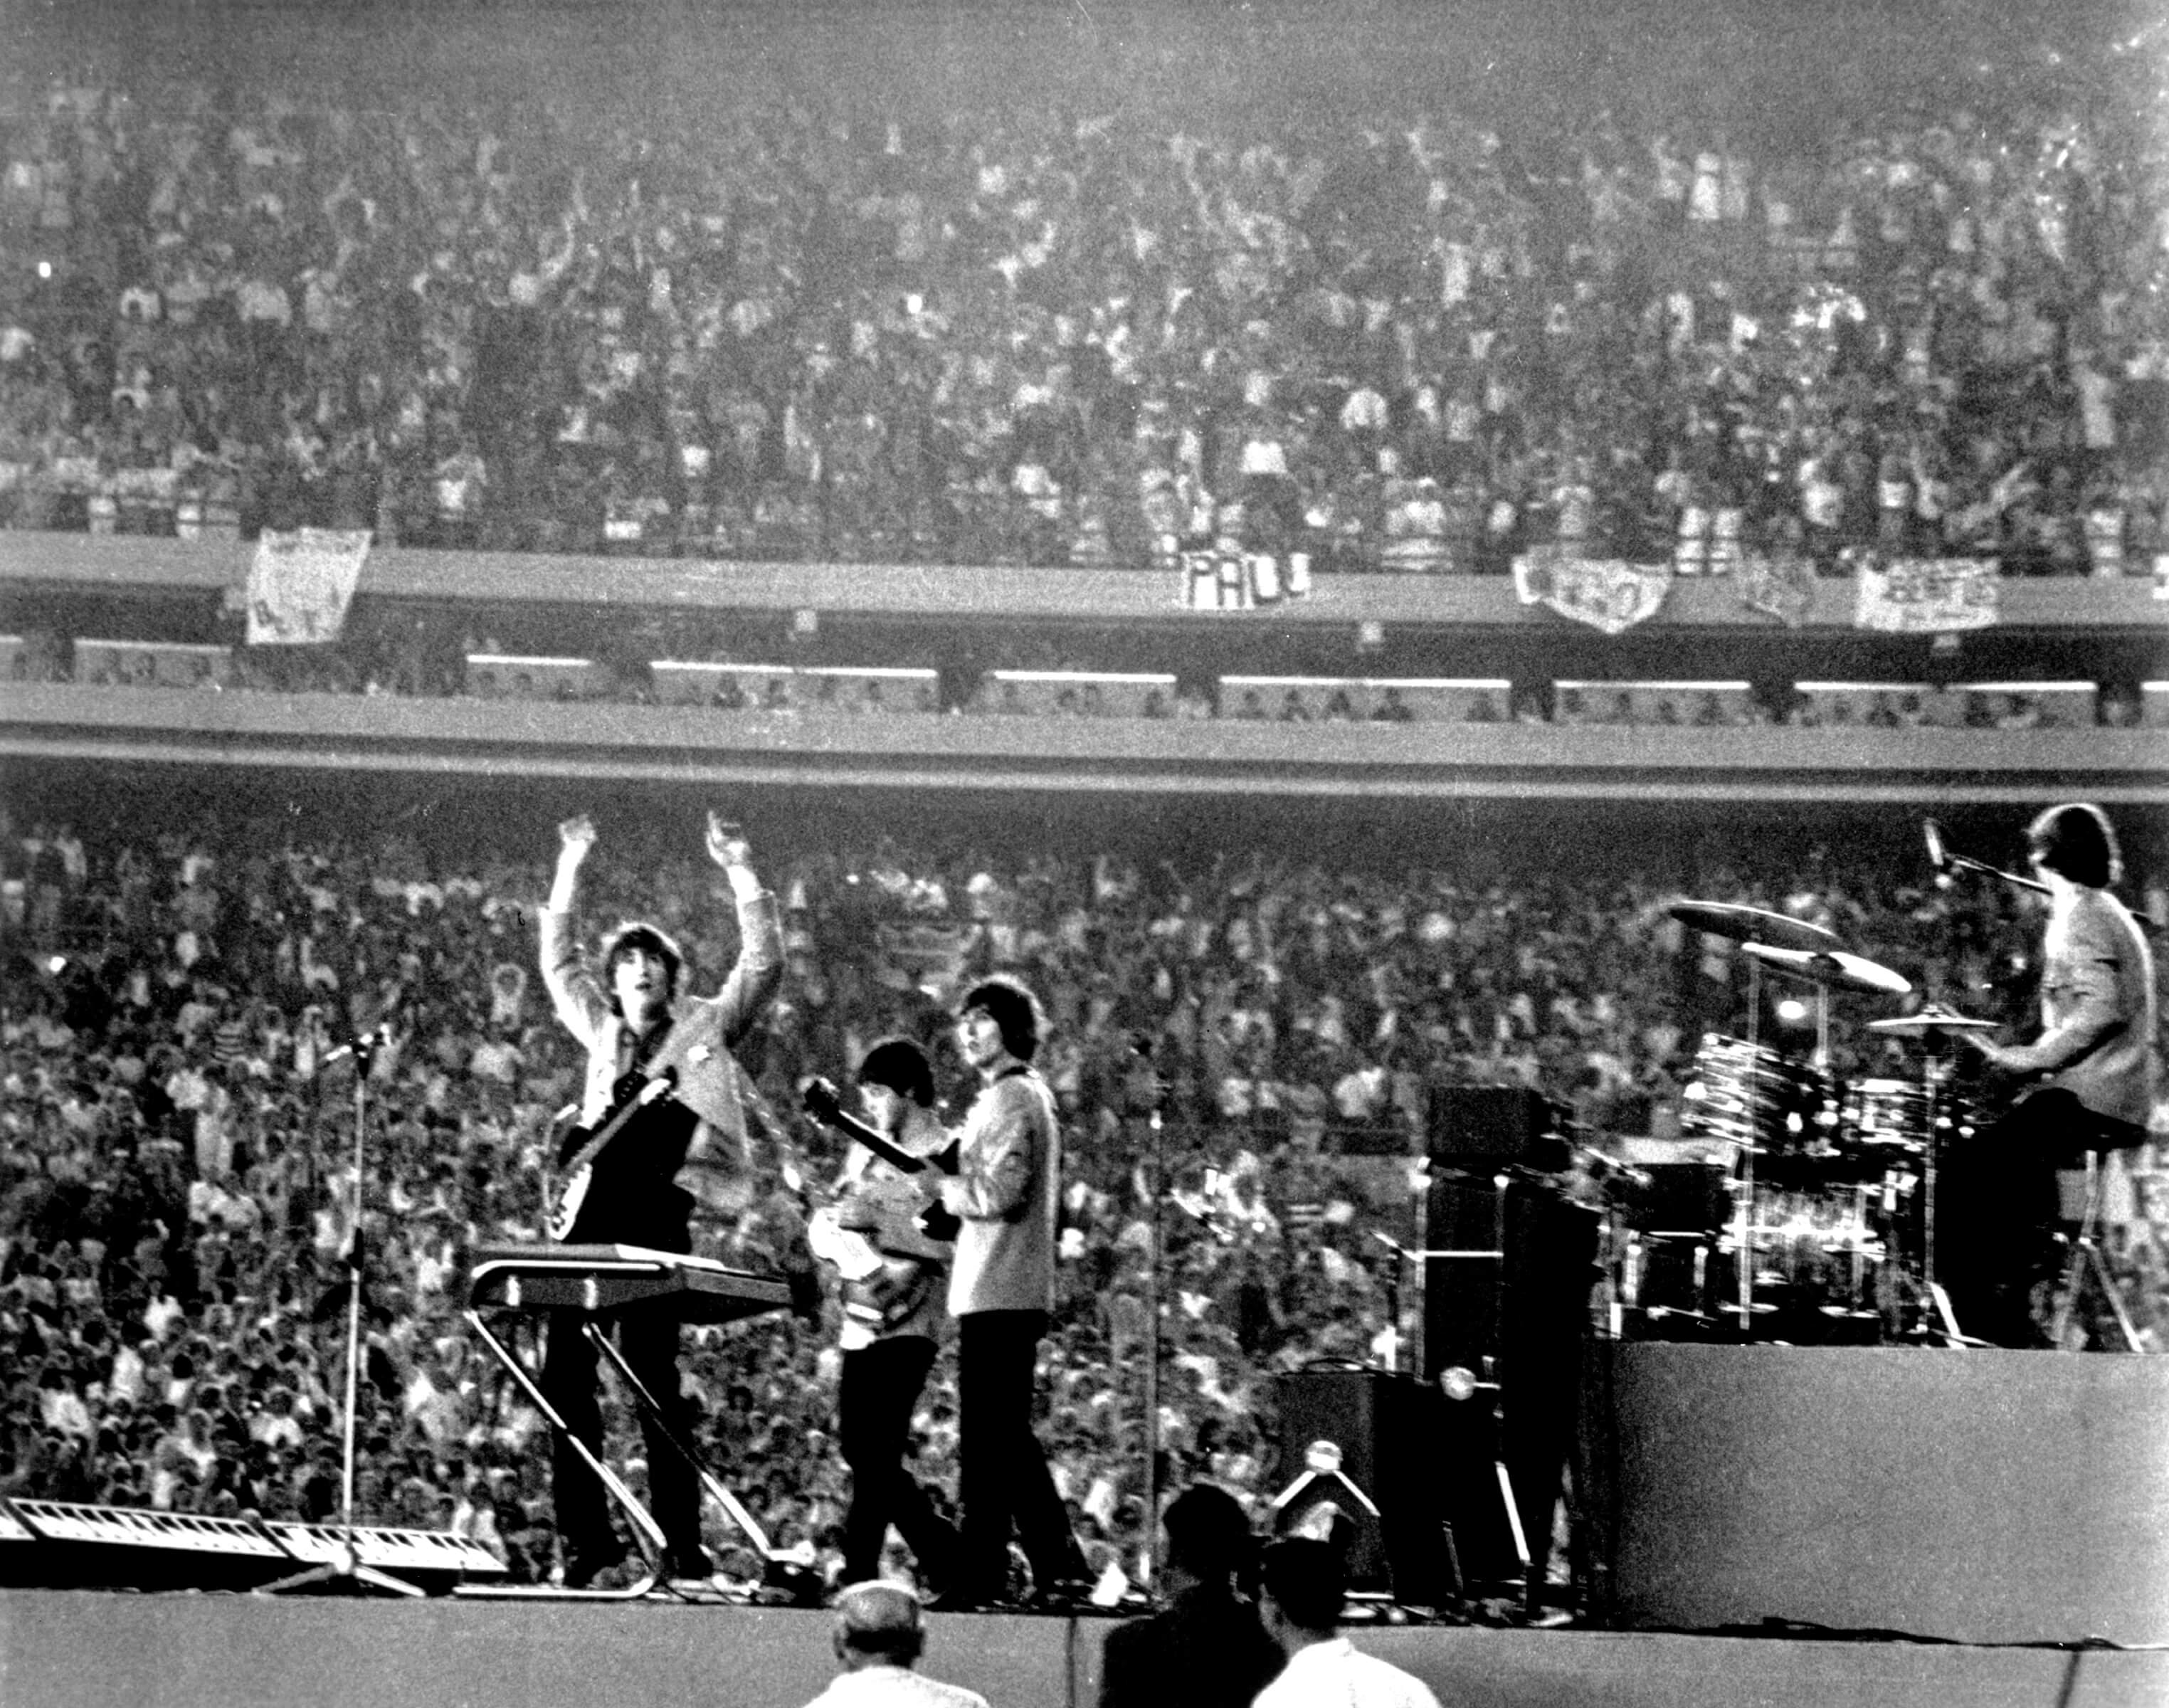 Beatles_019a_MOA.jpg